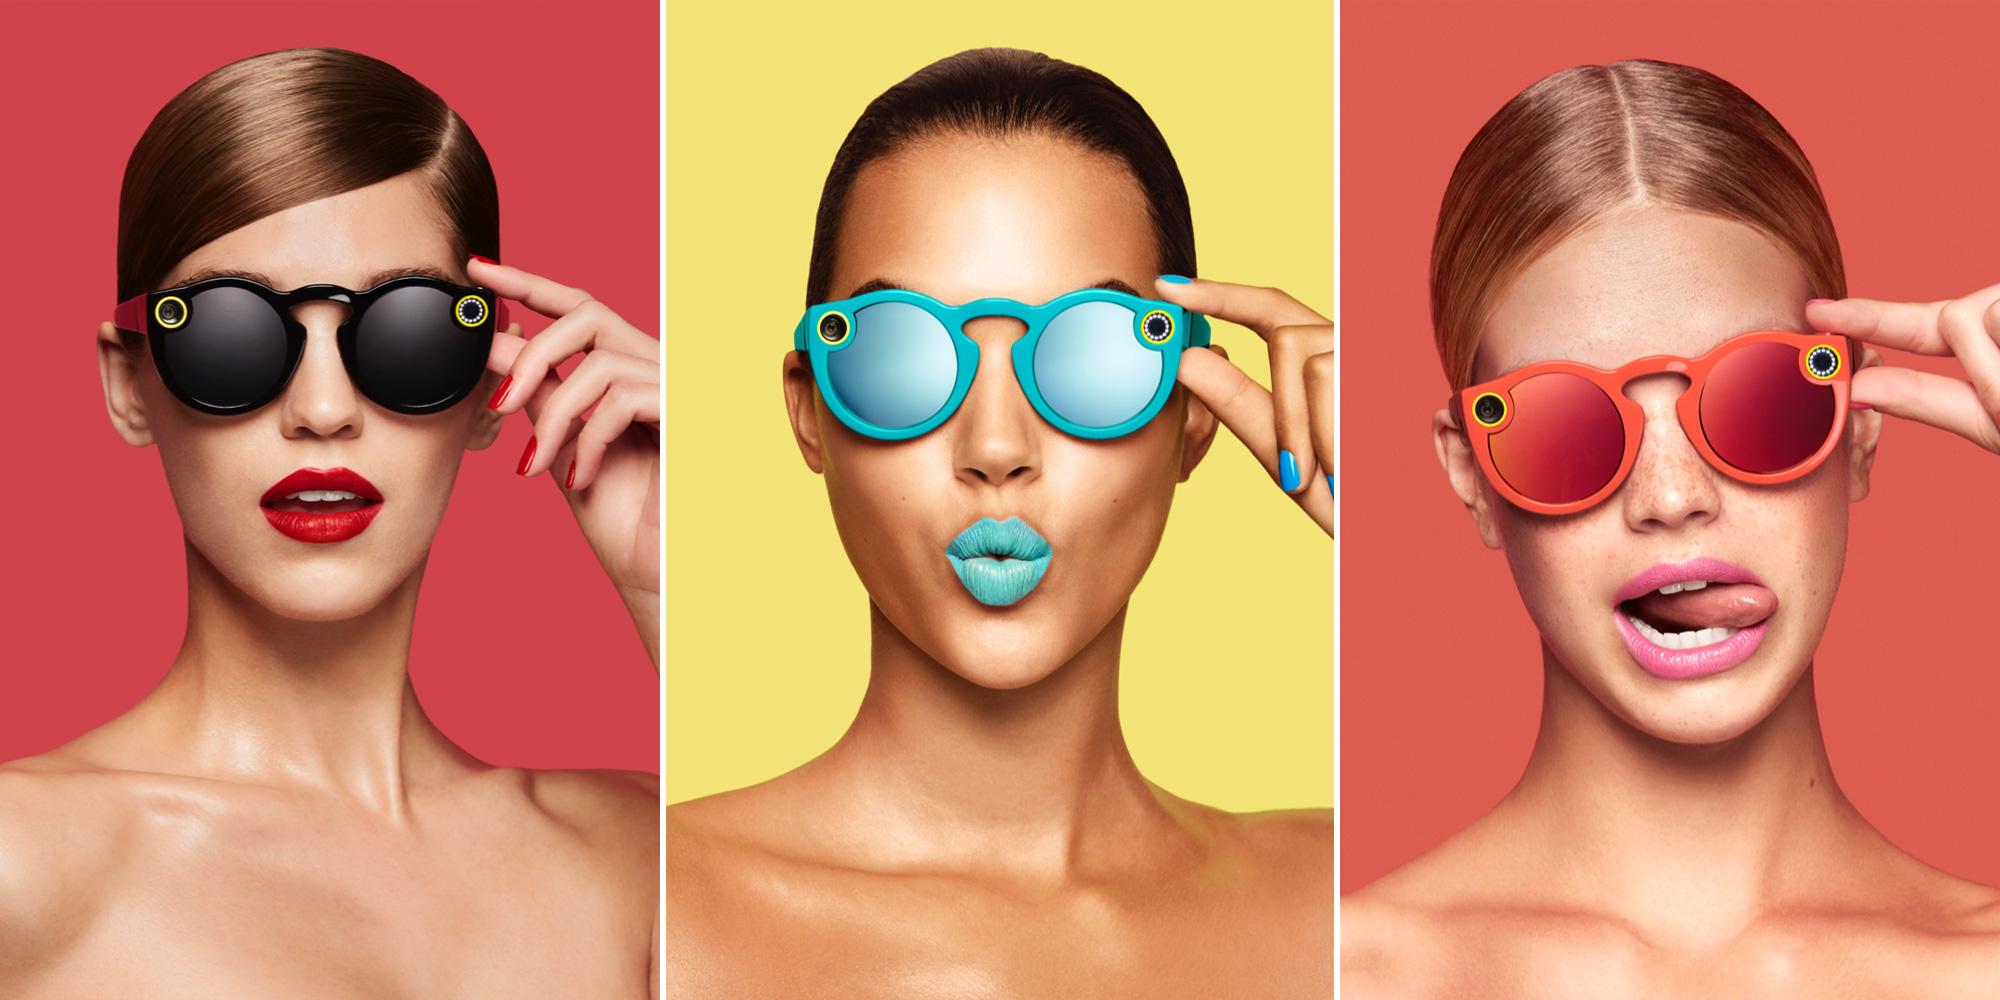 Les lunettes Spectacles de Snapchat devraient revenir à la vente